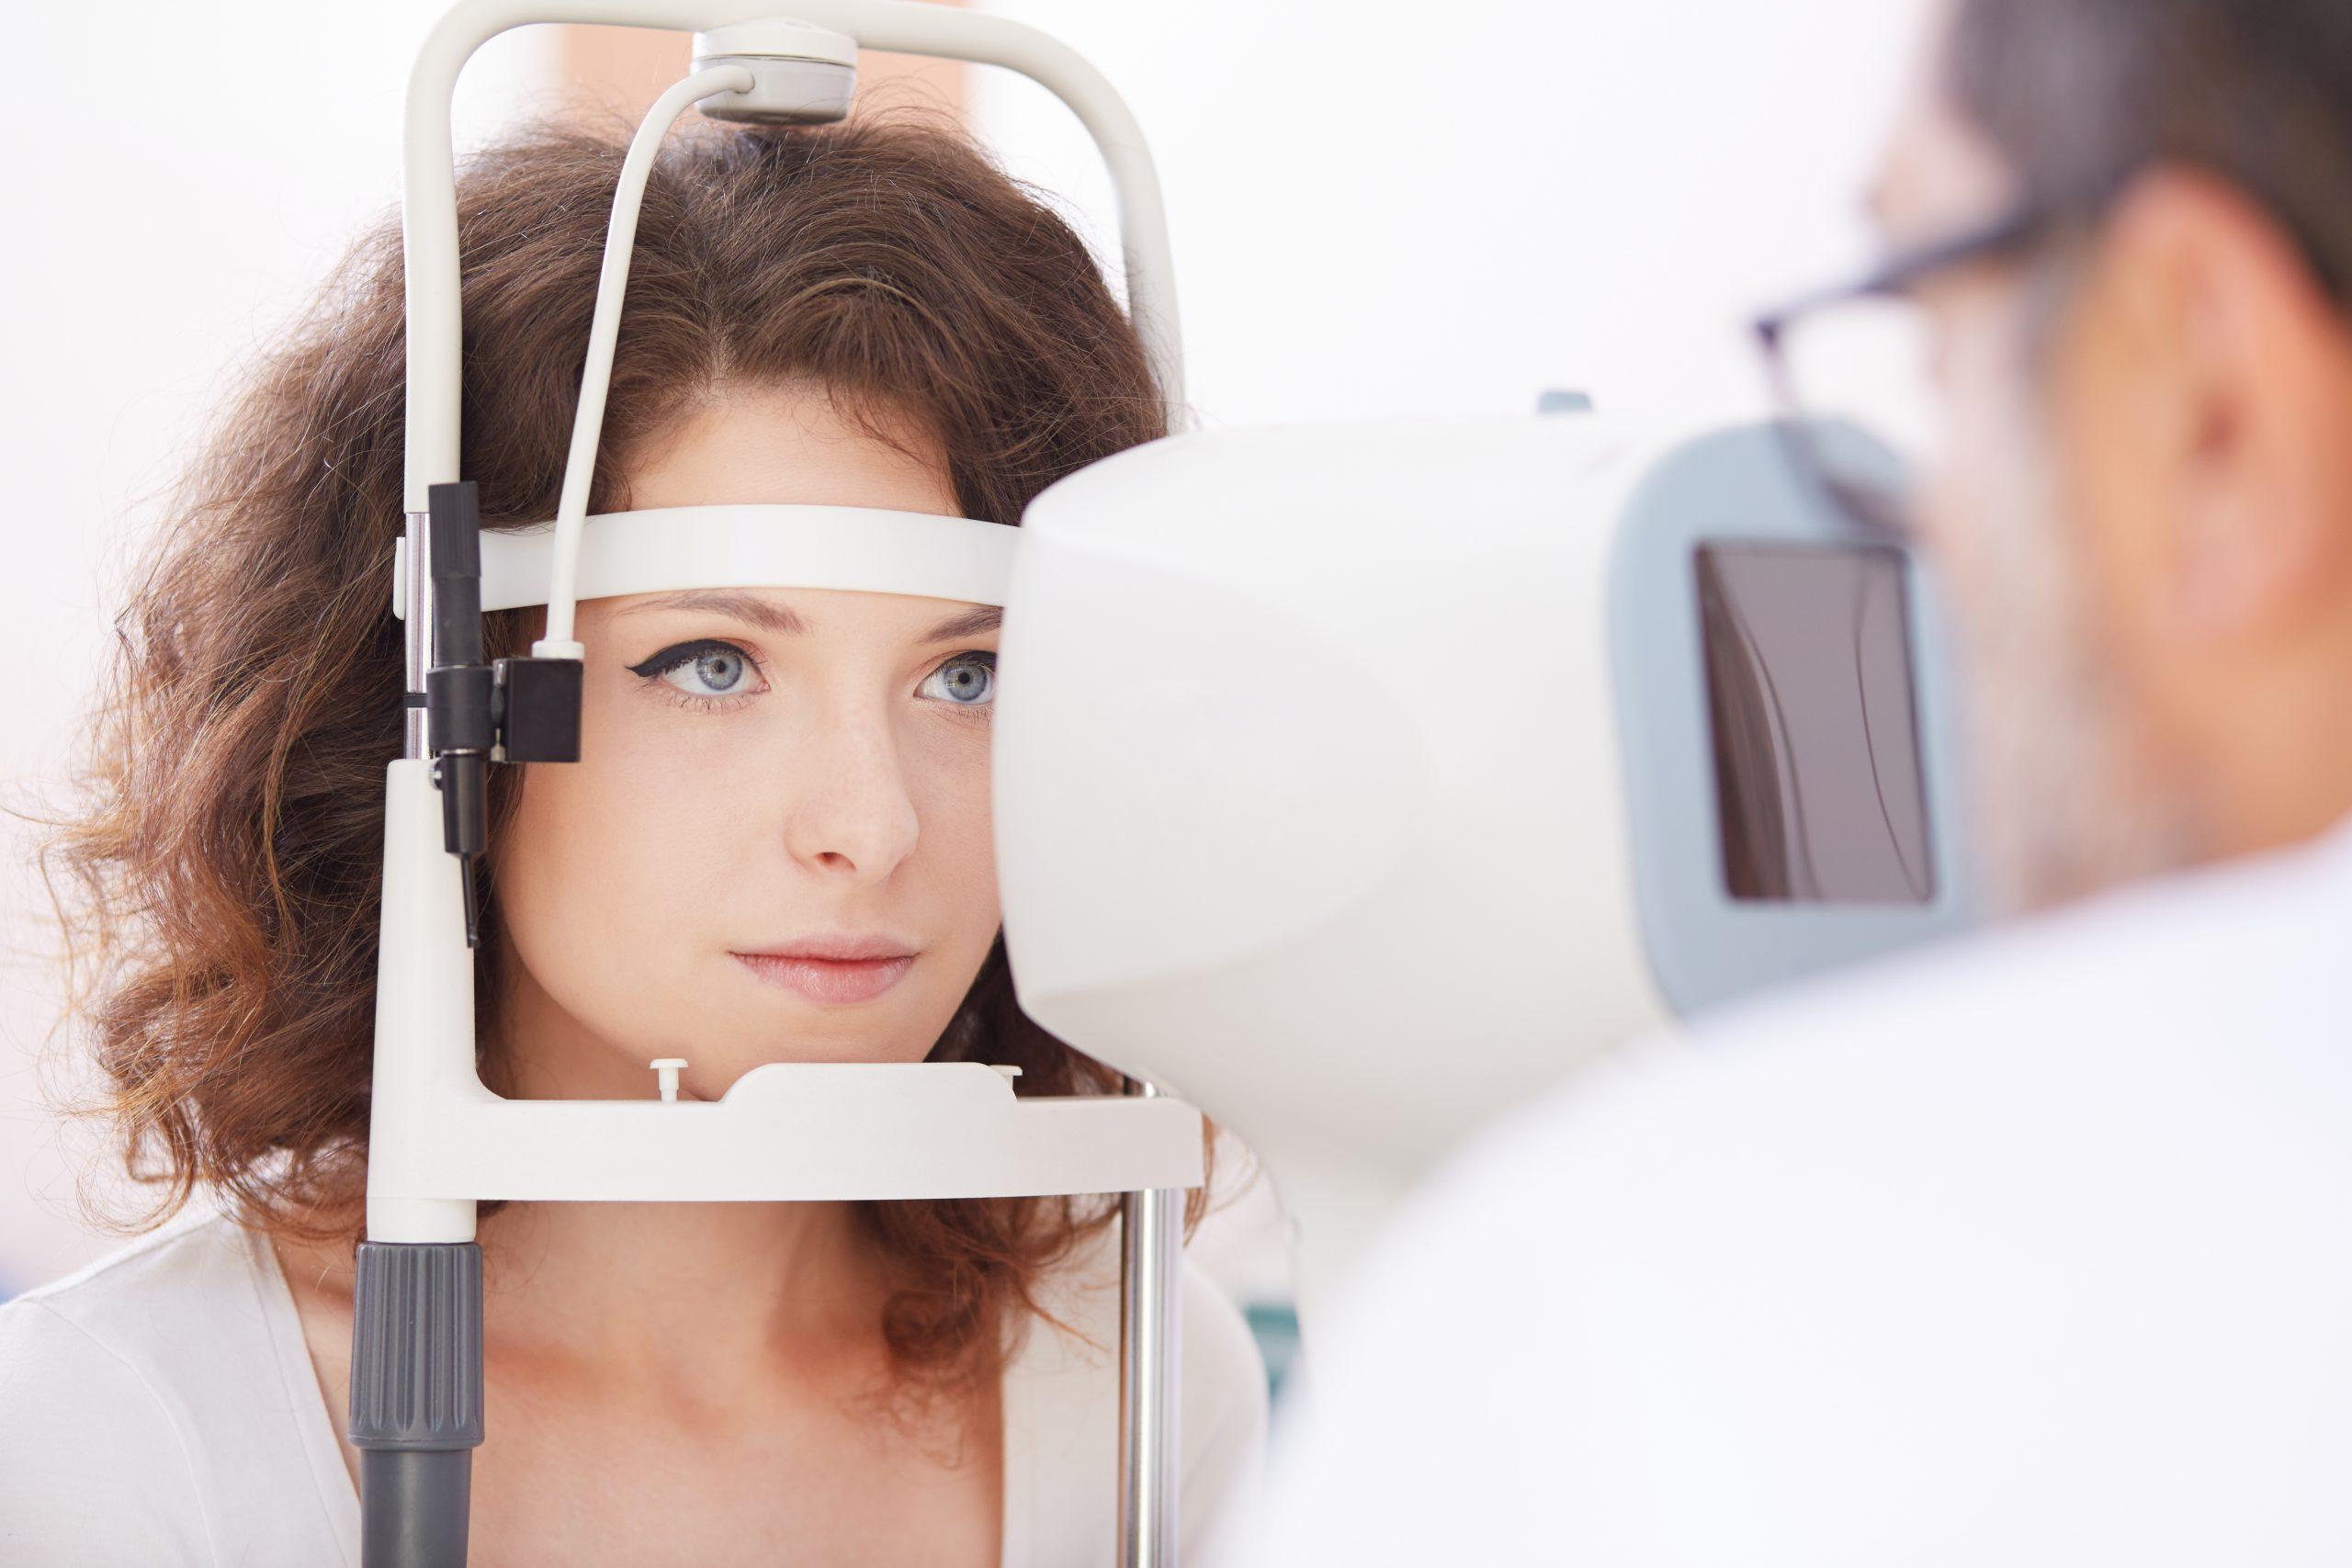 młoda kobieta w trakcie specjalistycznego badania OCT